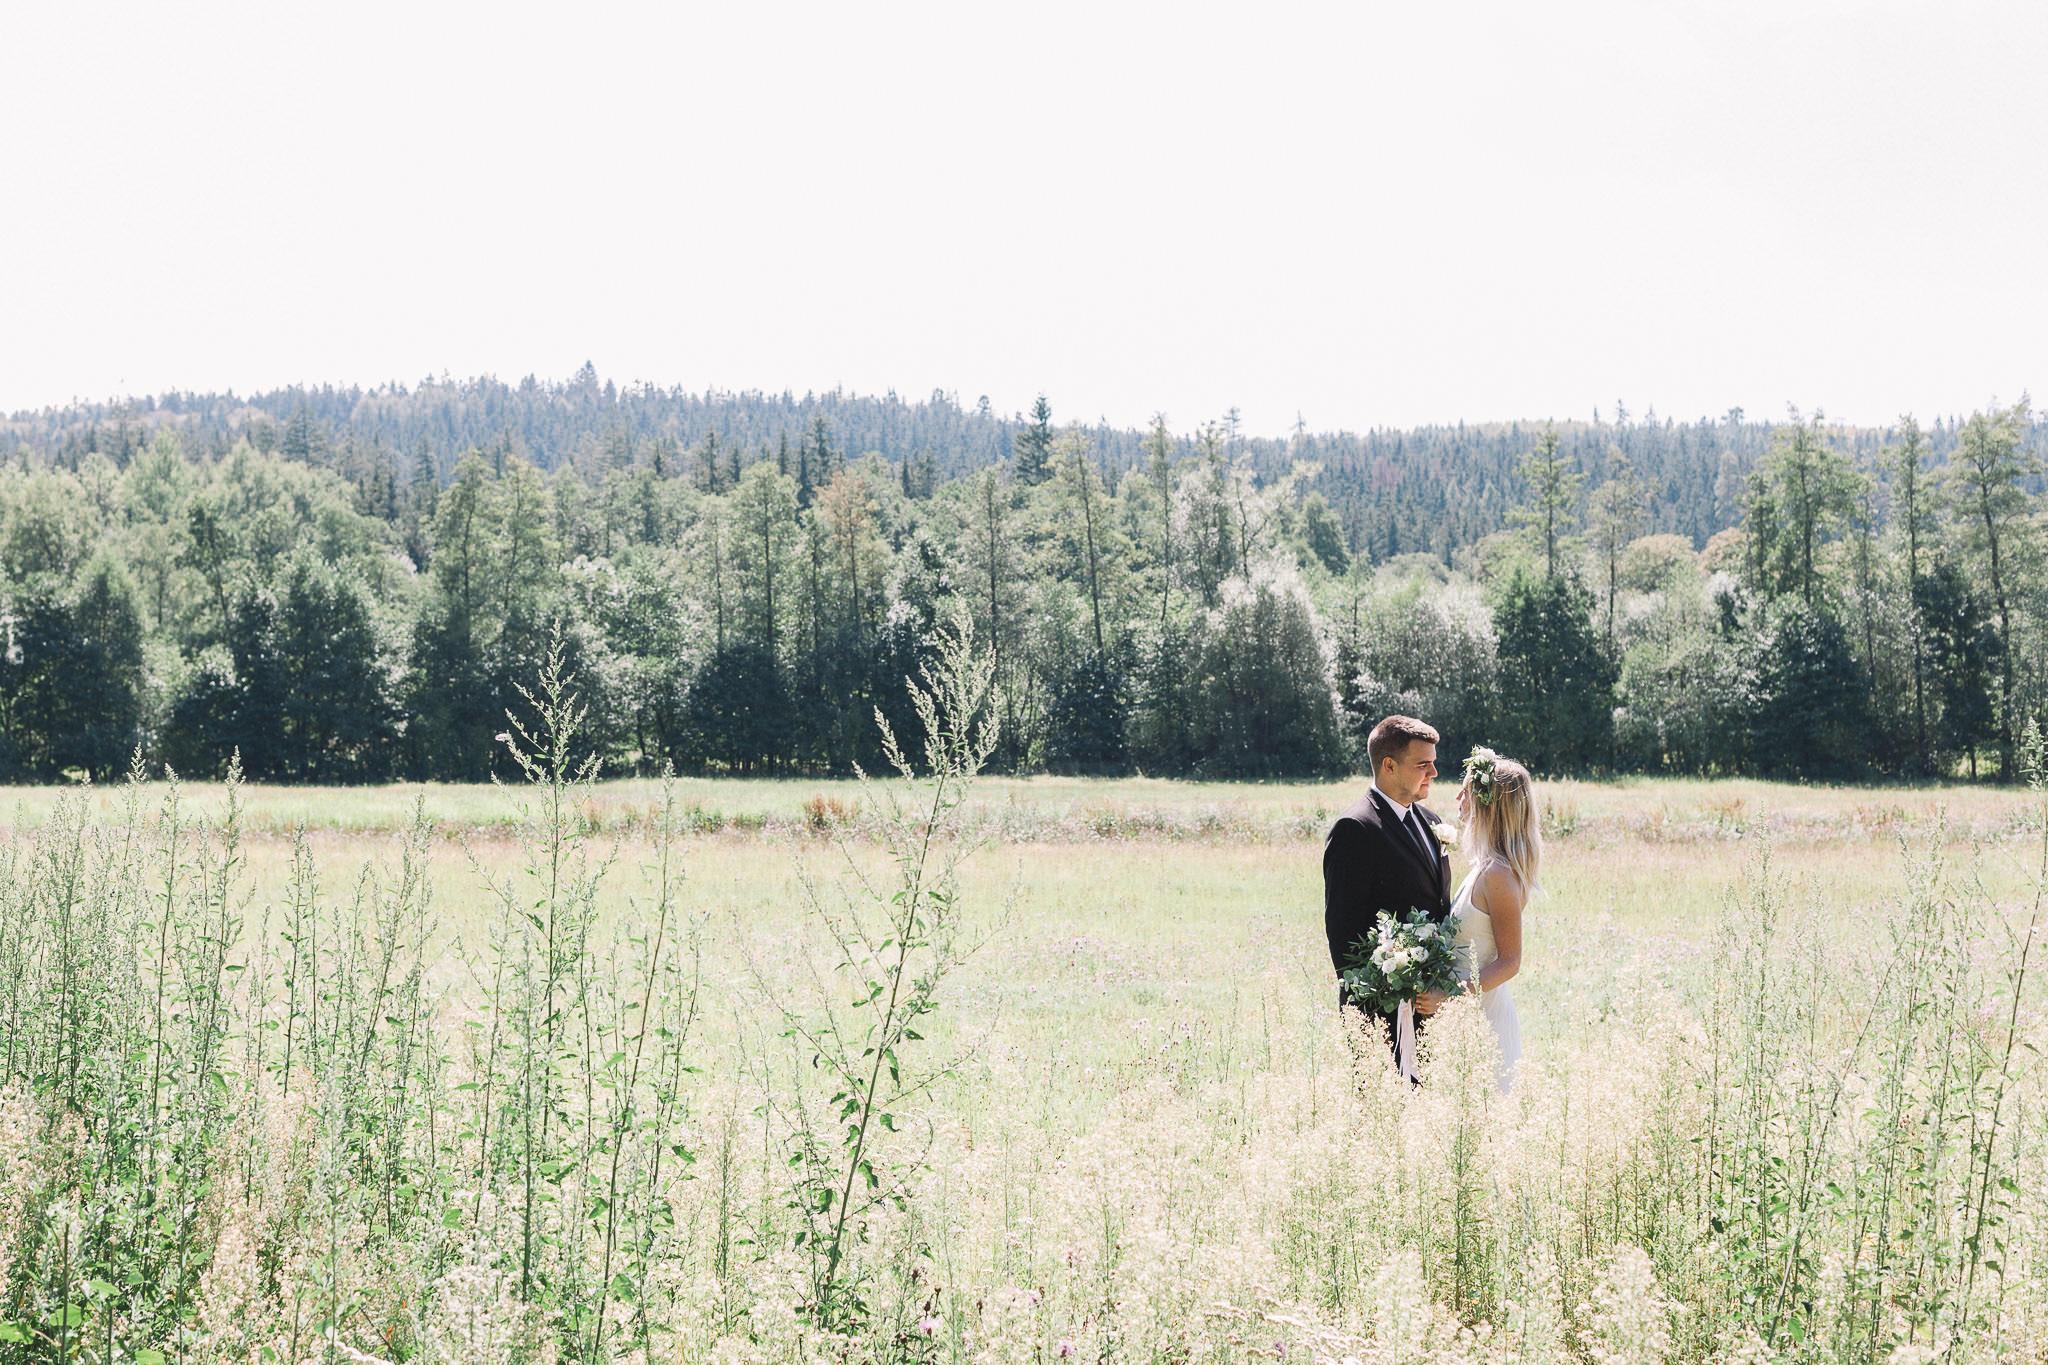 kubousfoto_svatebni_fotograf_brno